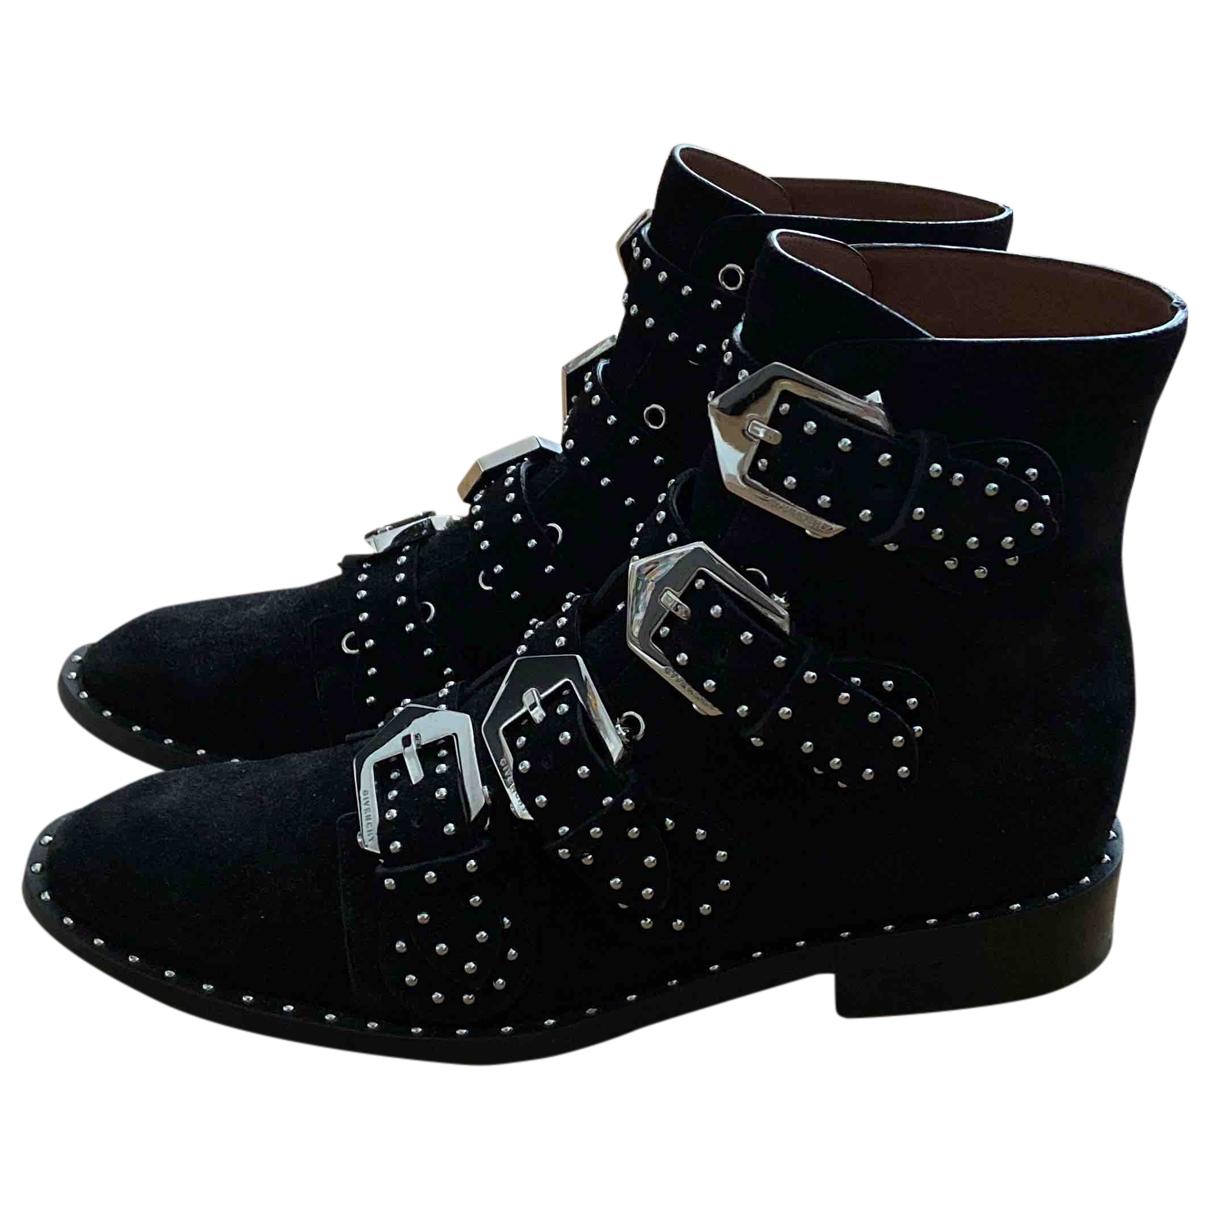 Givenchy - Boots   pour femme en suede - noir